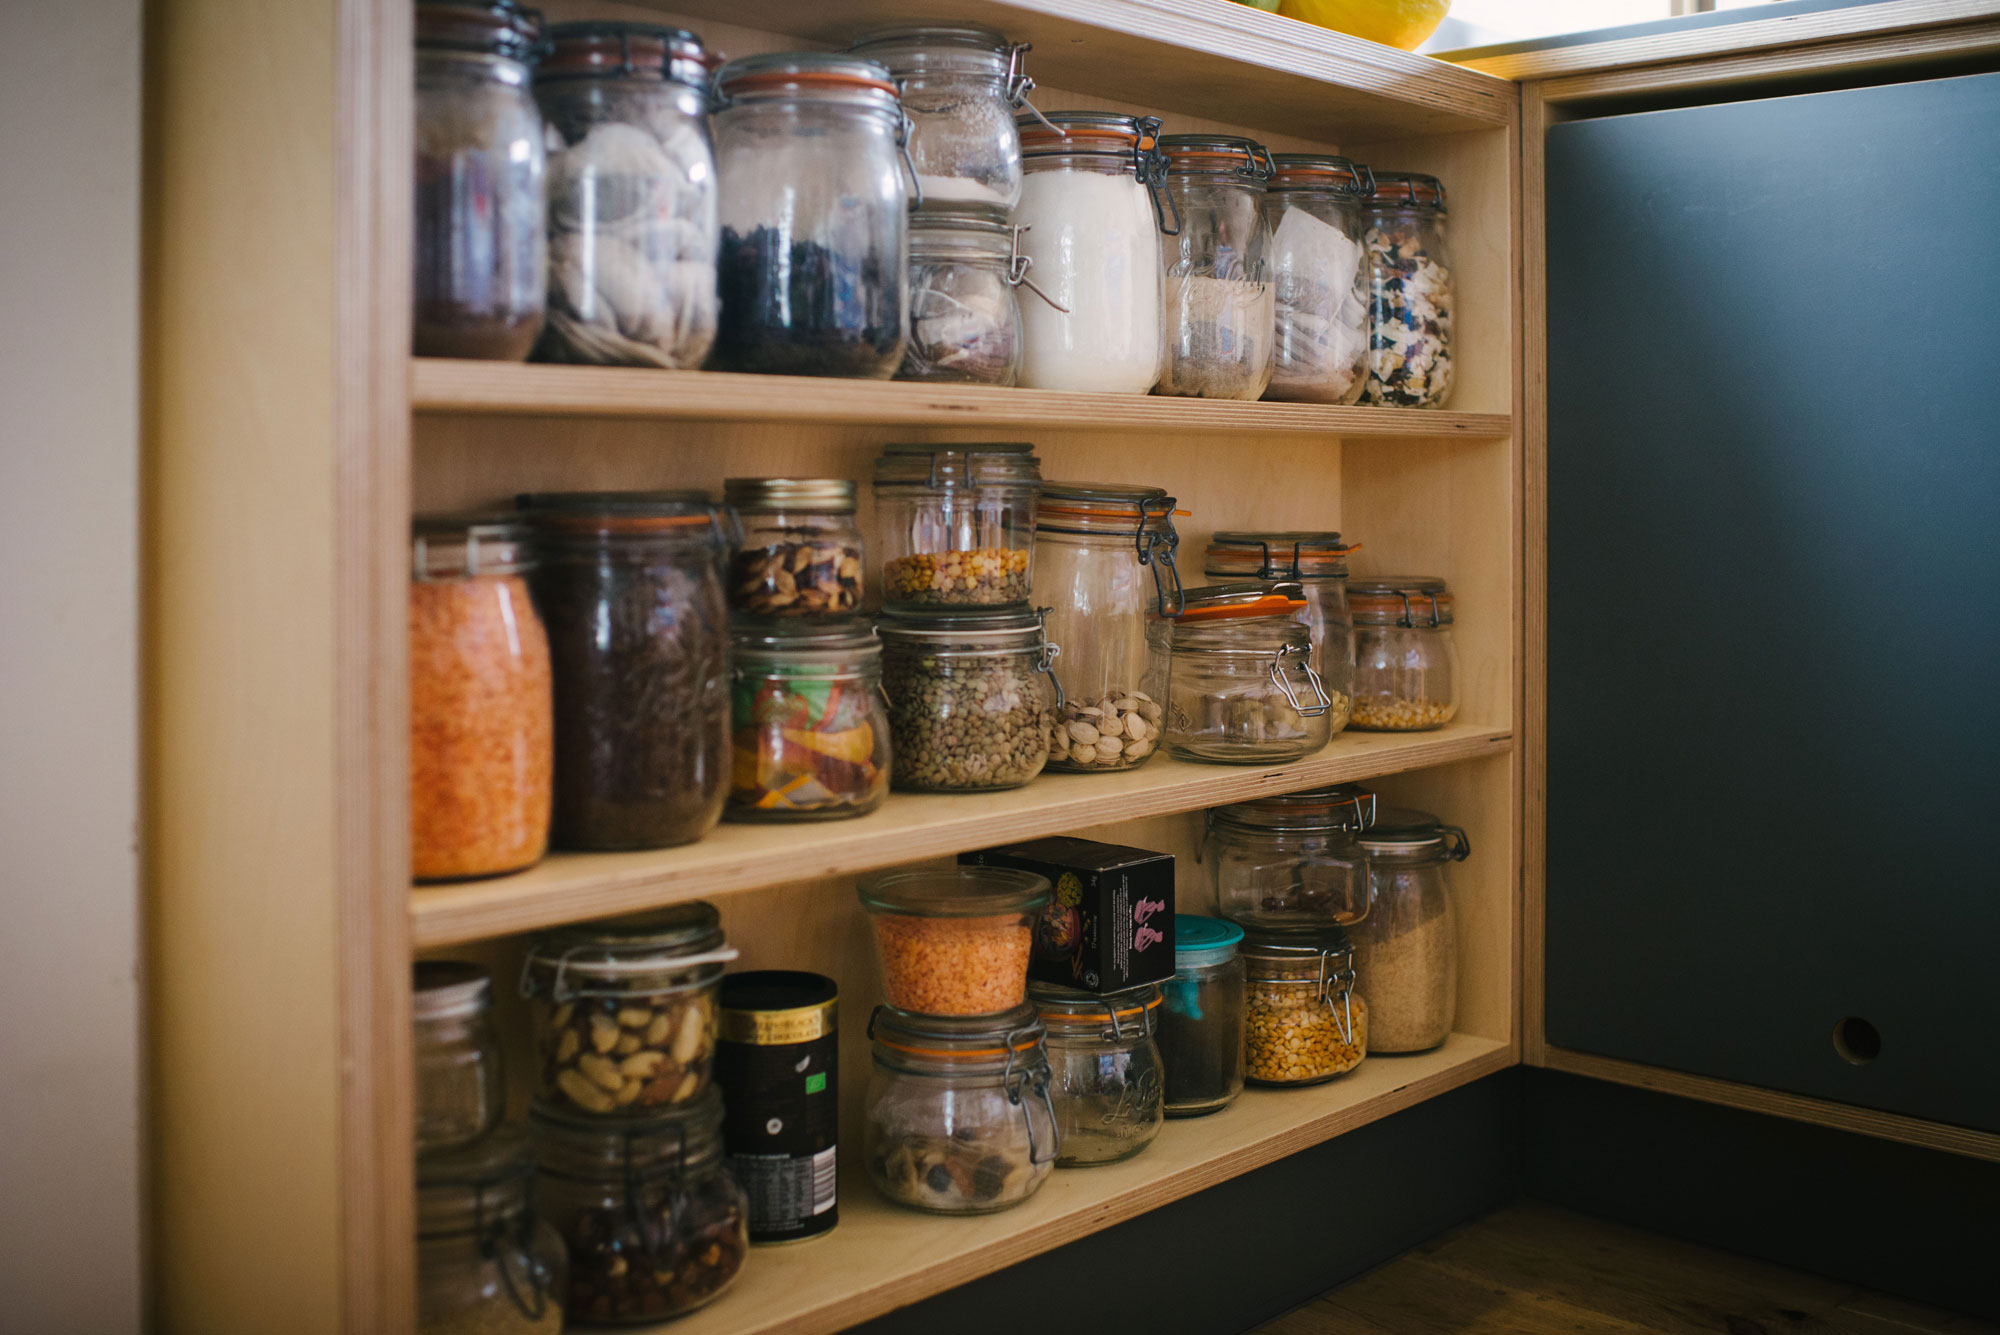 Birch ply kitchen pantry shelves.